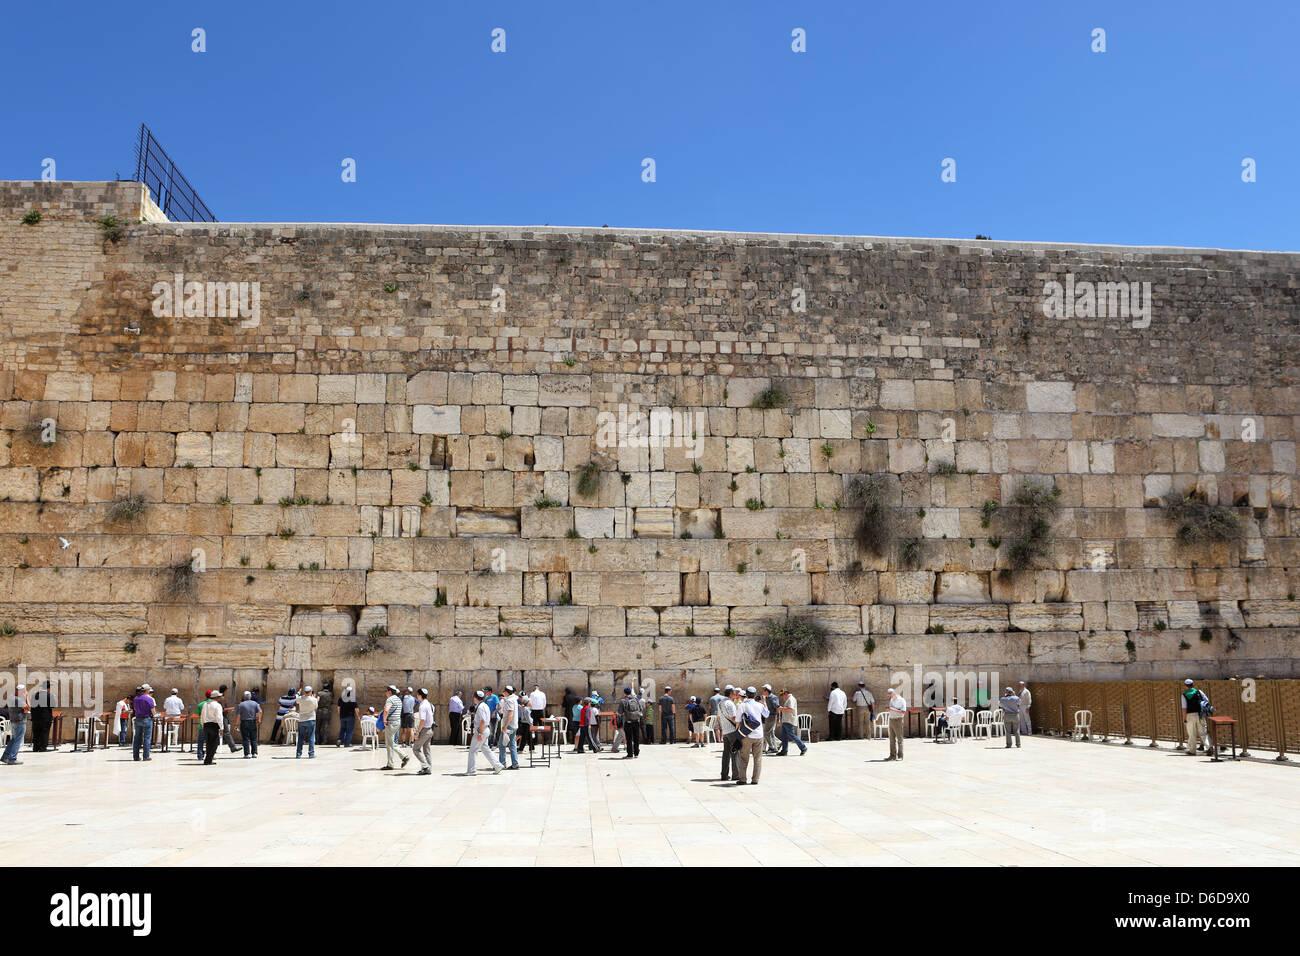 The Jerusalem wailing wall - Stock Image